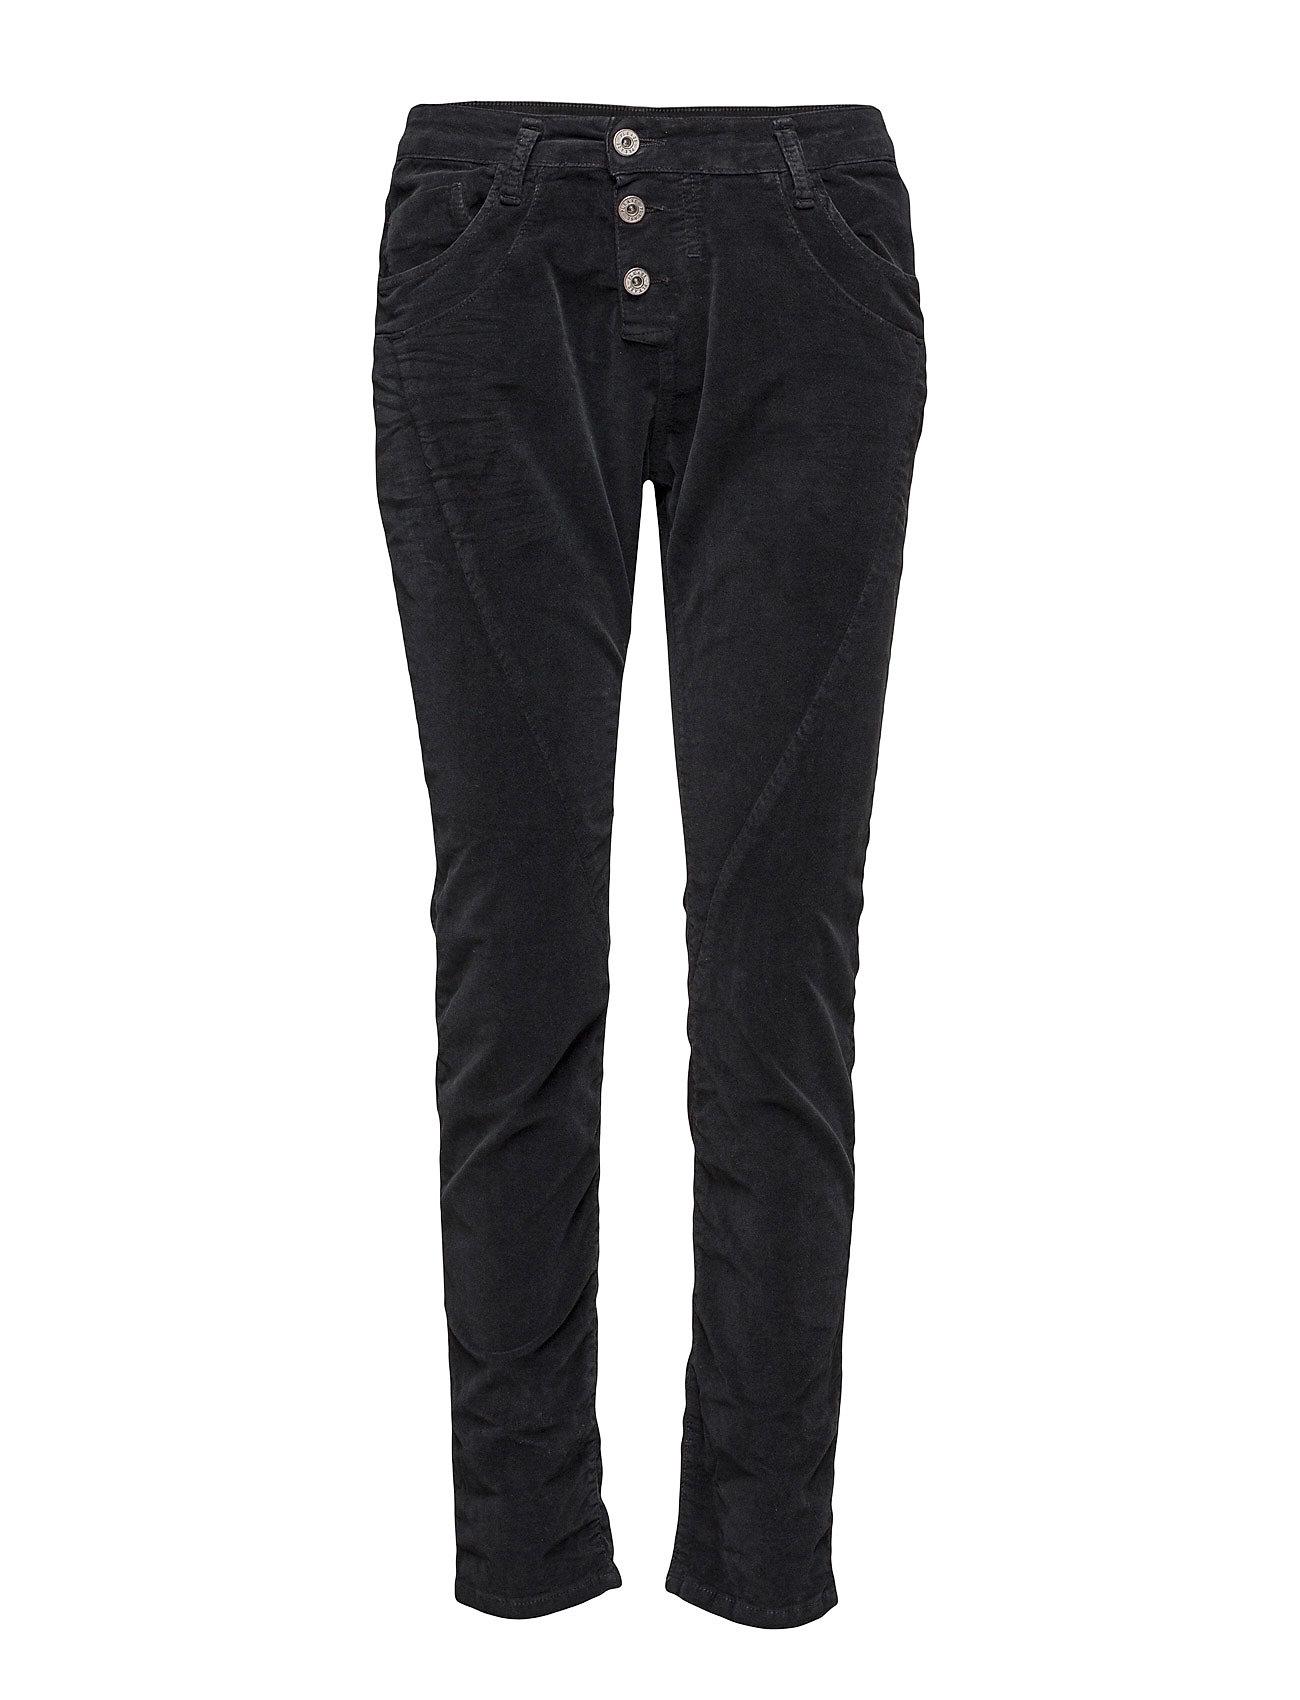 Classic Vel. Nero Please Jeans Bukser til Damer i Sort